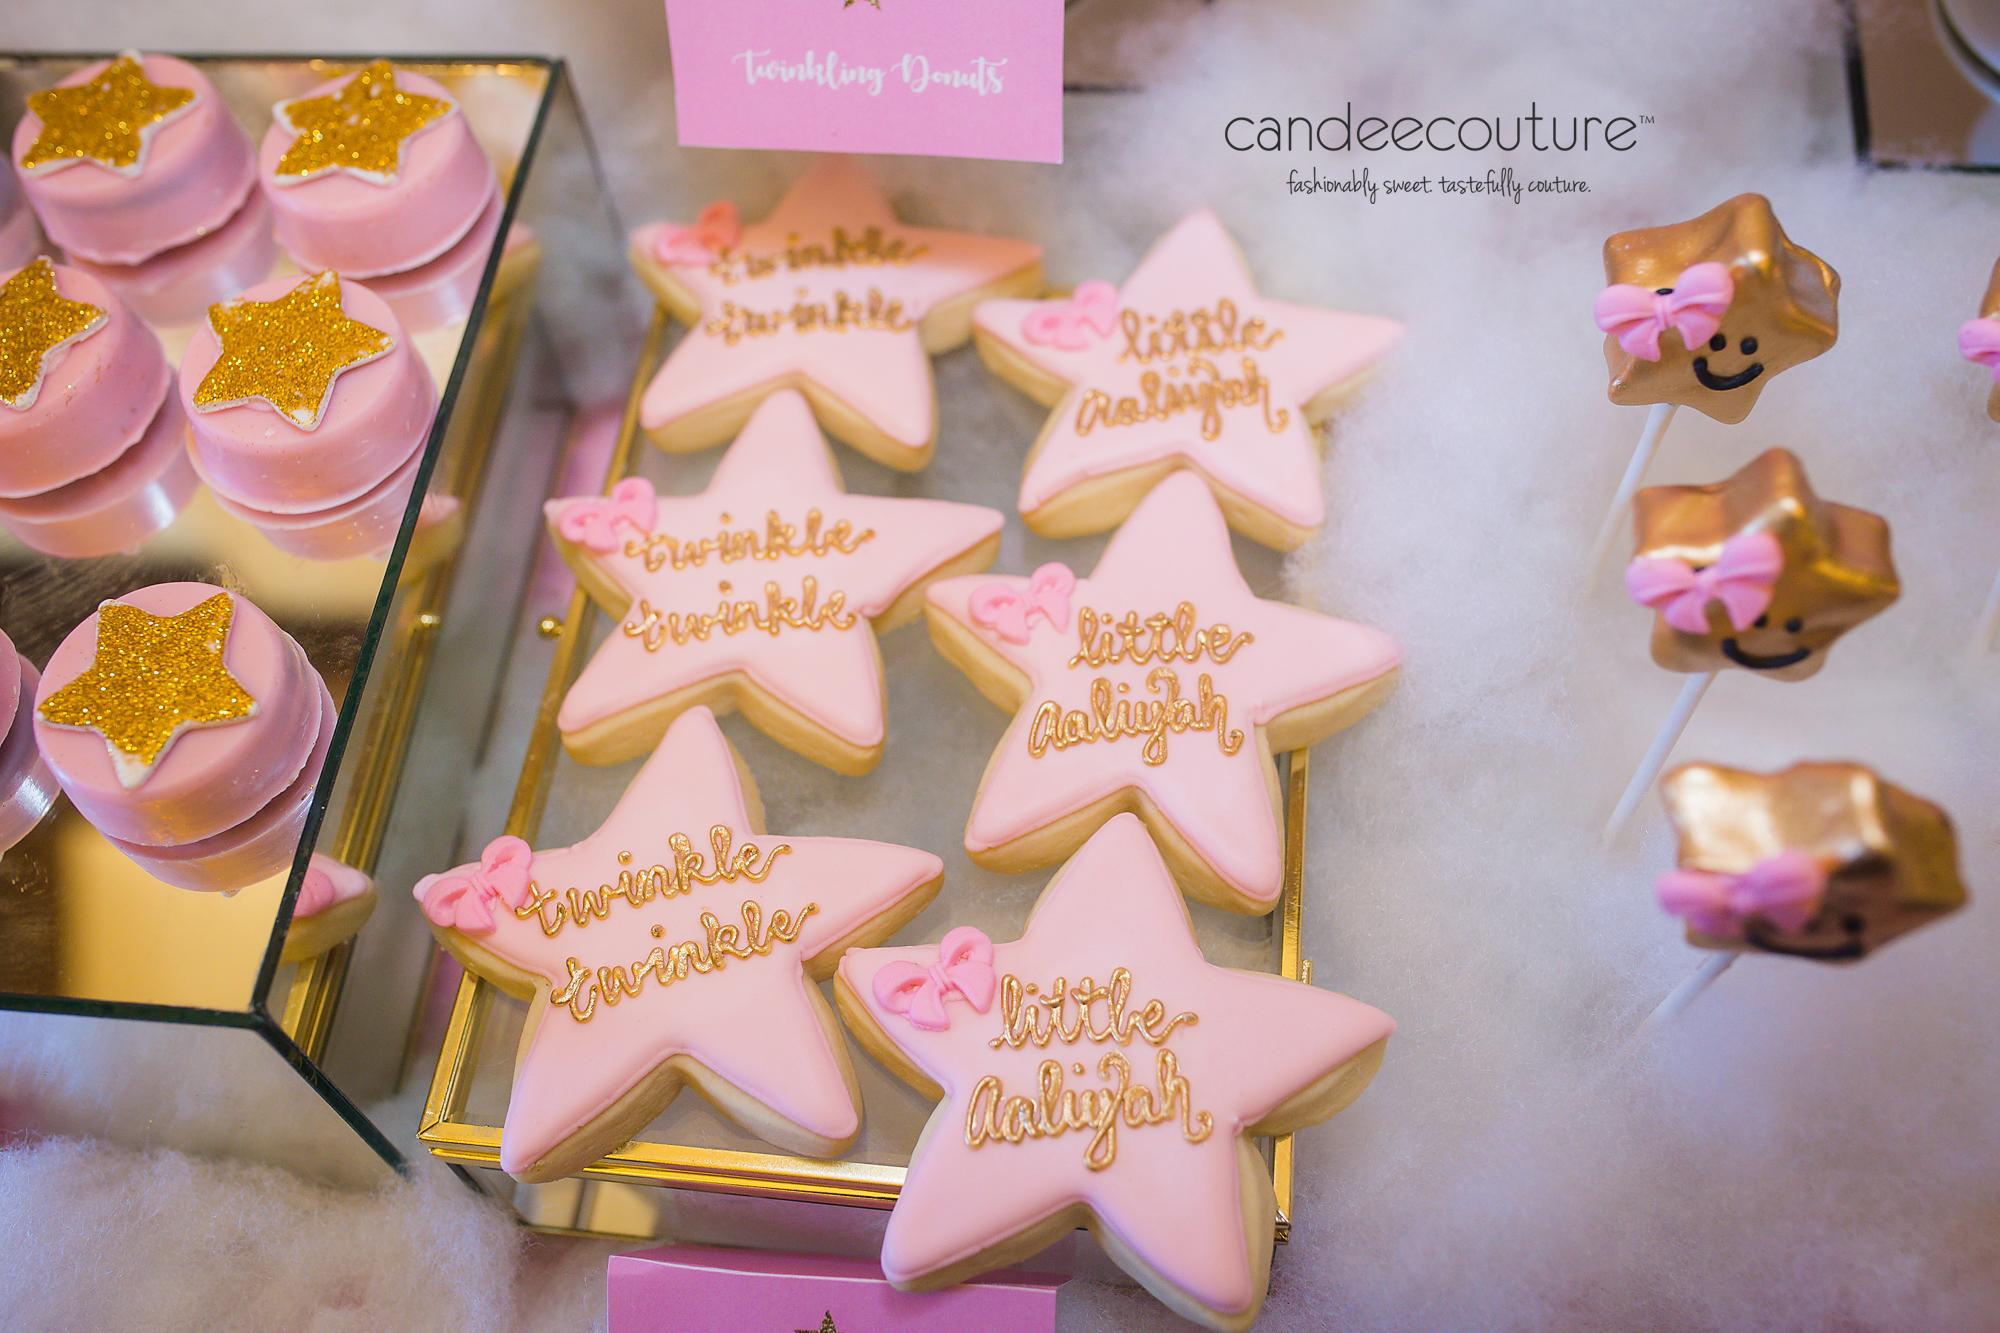 Twinkle Twinkle Little Star Cookies, Star Cookies, personalized cookies, star cake pops, twinkle twinkle little star cake pops, twinkle twinkle little star oreos, star oreos, chocolate covered oreos, candy table, dessert table, , twinkle twinkle little star theme, twinkle twinkle, twinkle twinkle little star birthday party, birthday, party, party ideas